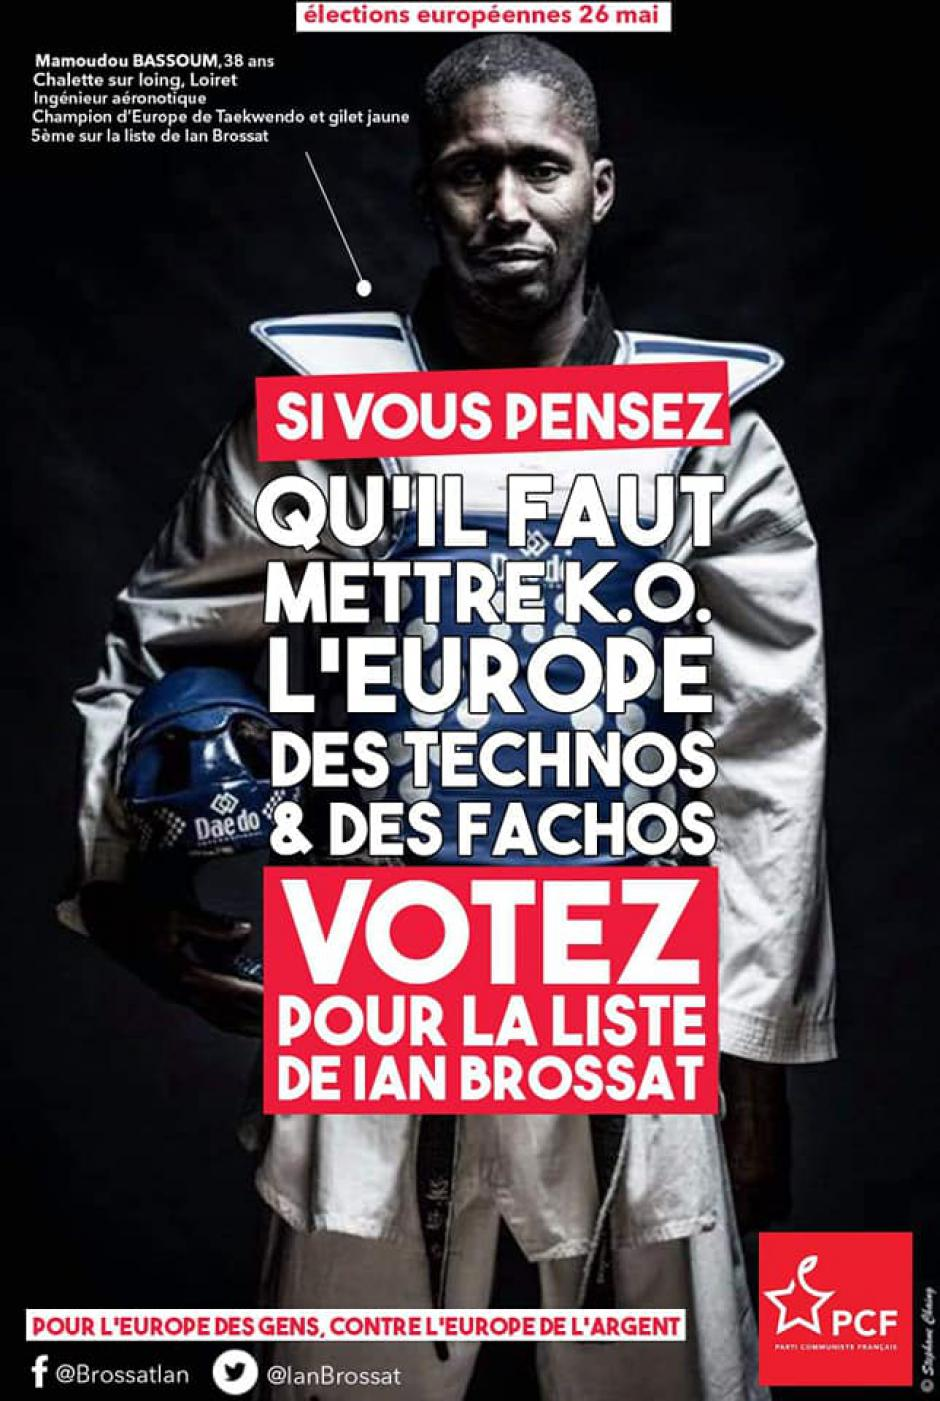 27 avril, Beauvais - Européennes 2019 : journée d'initiatives avec Mamoudou Bassoum